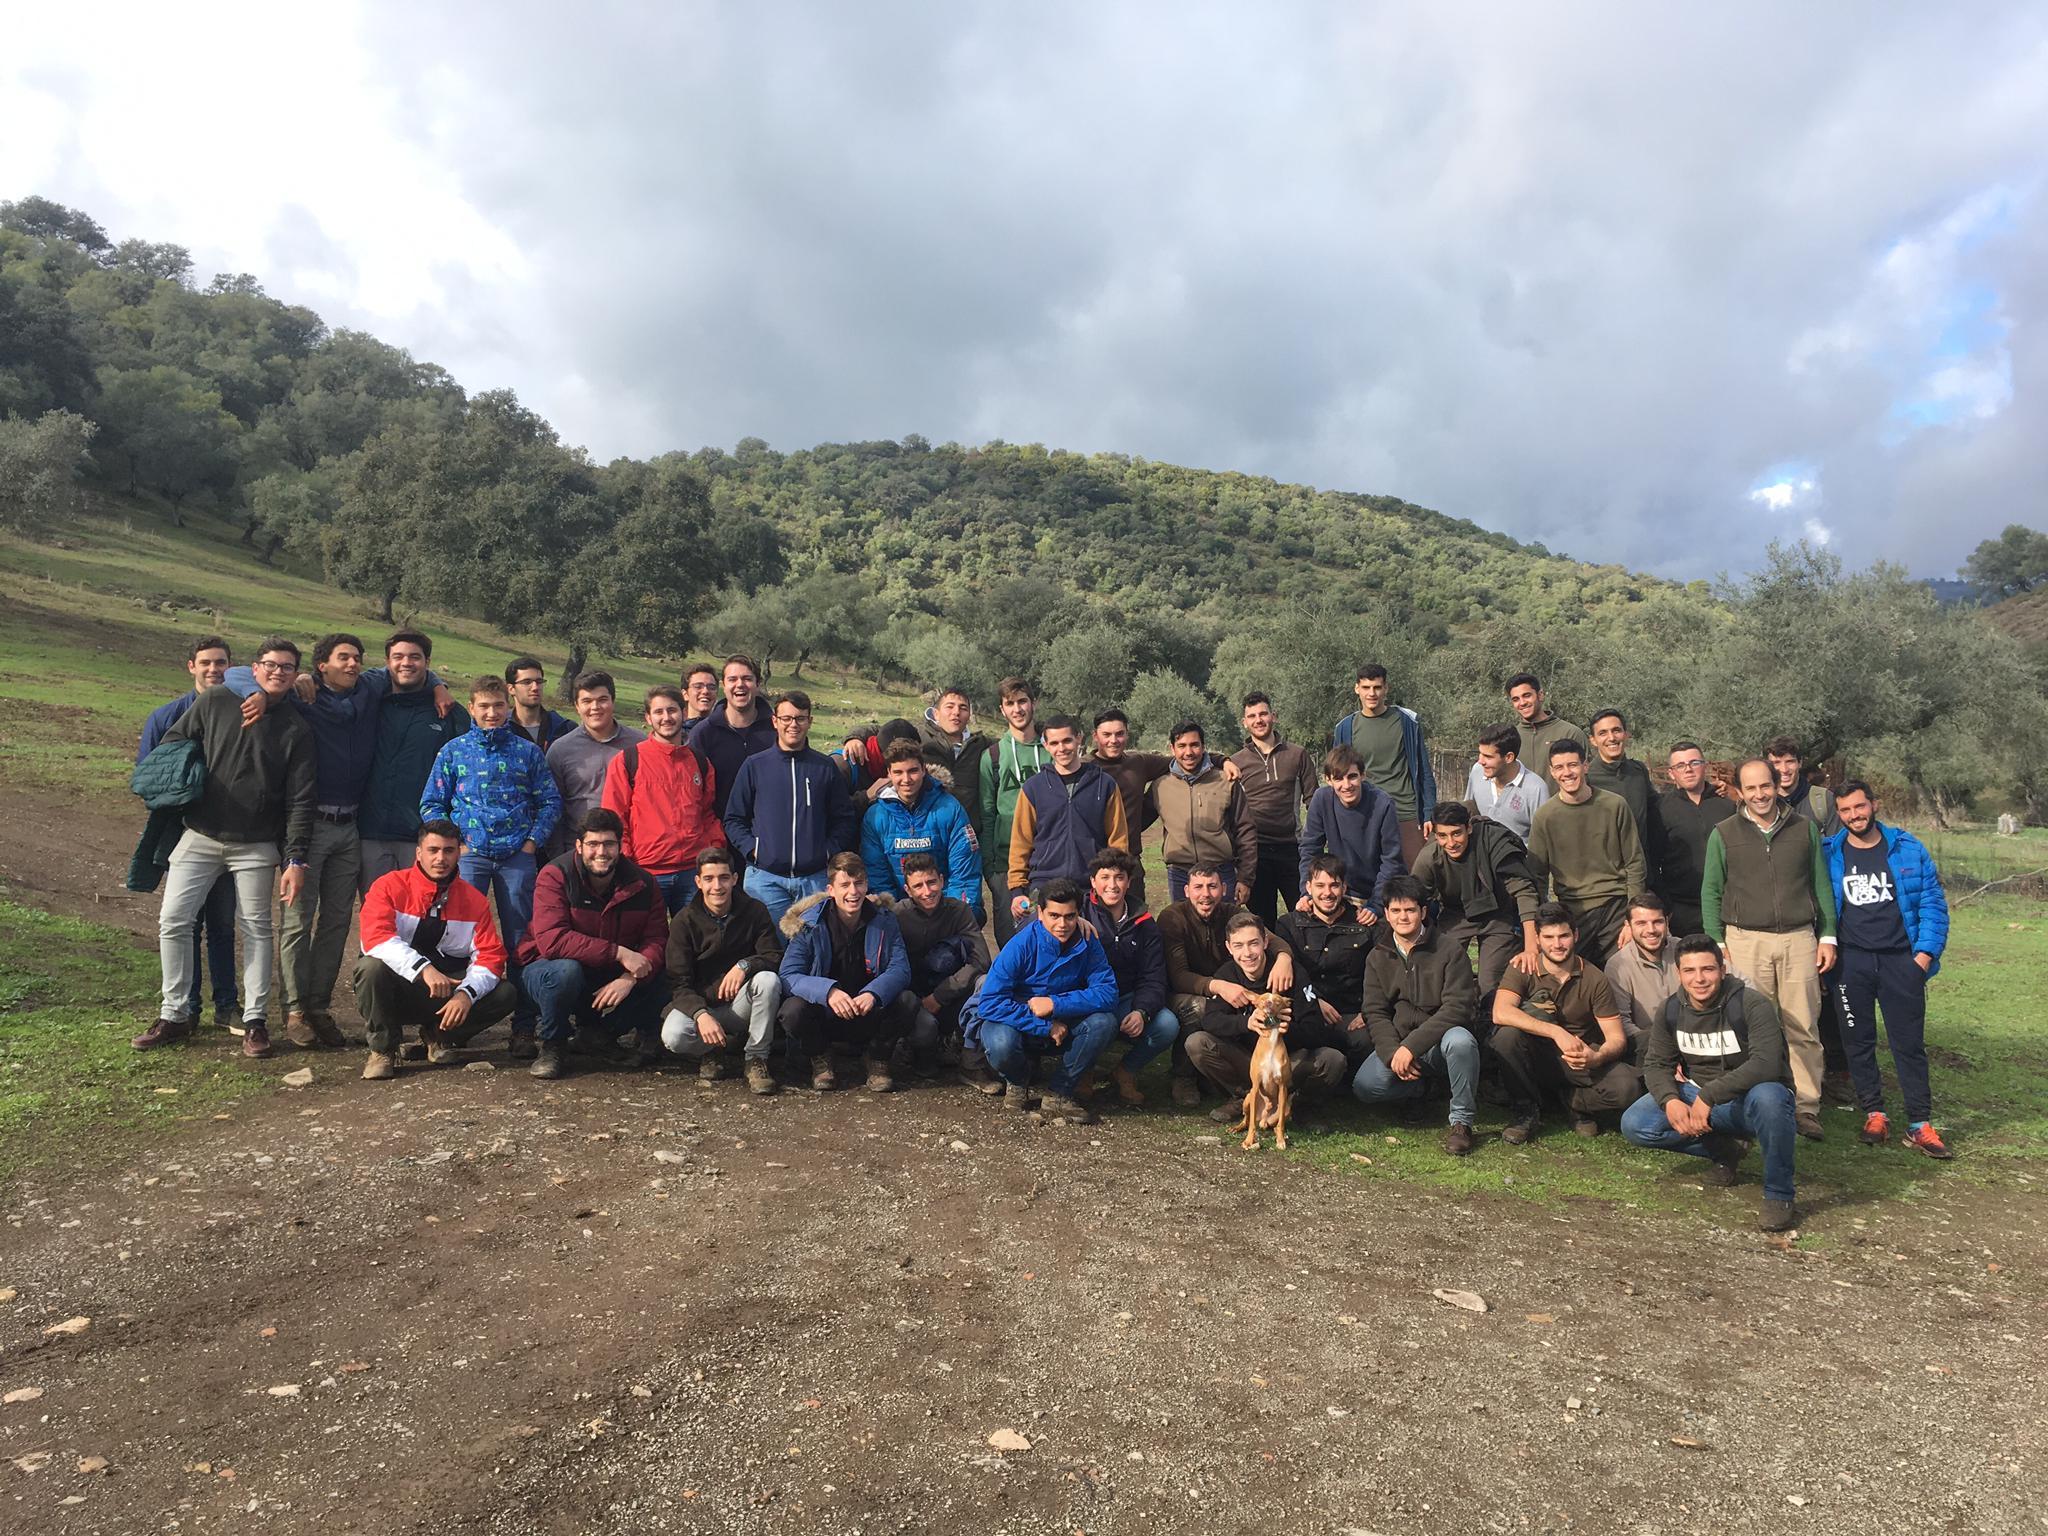 Día de convivencia en la Finca San Cebrián